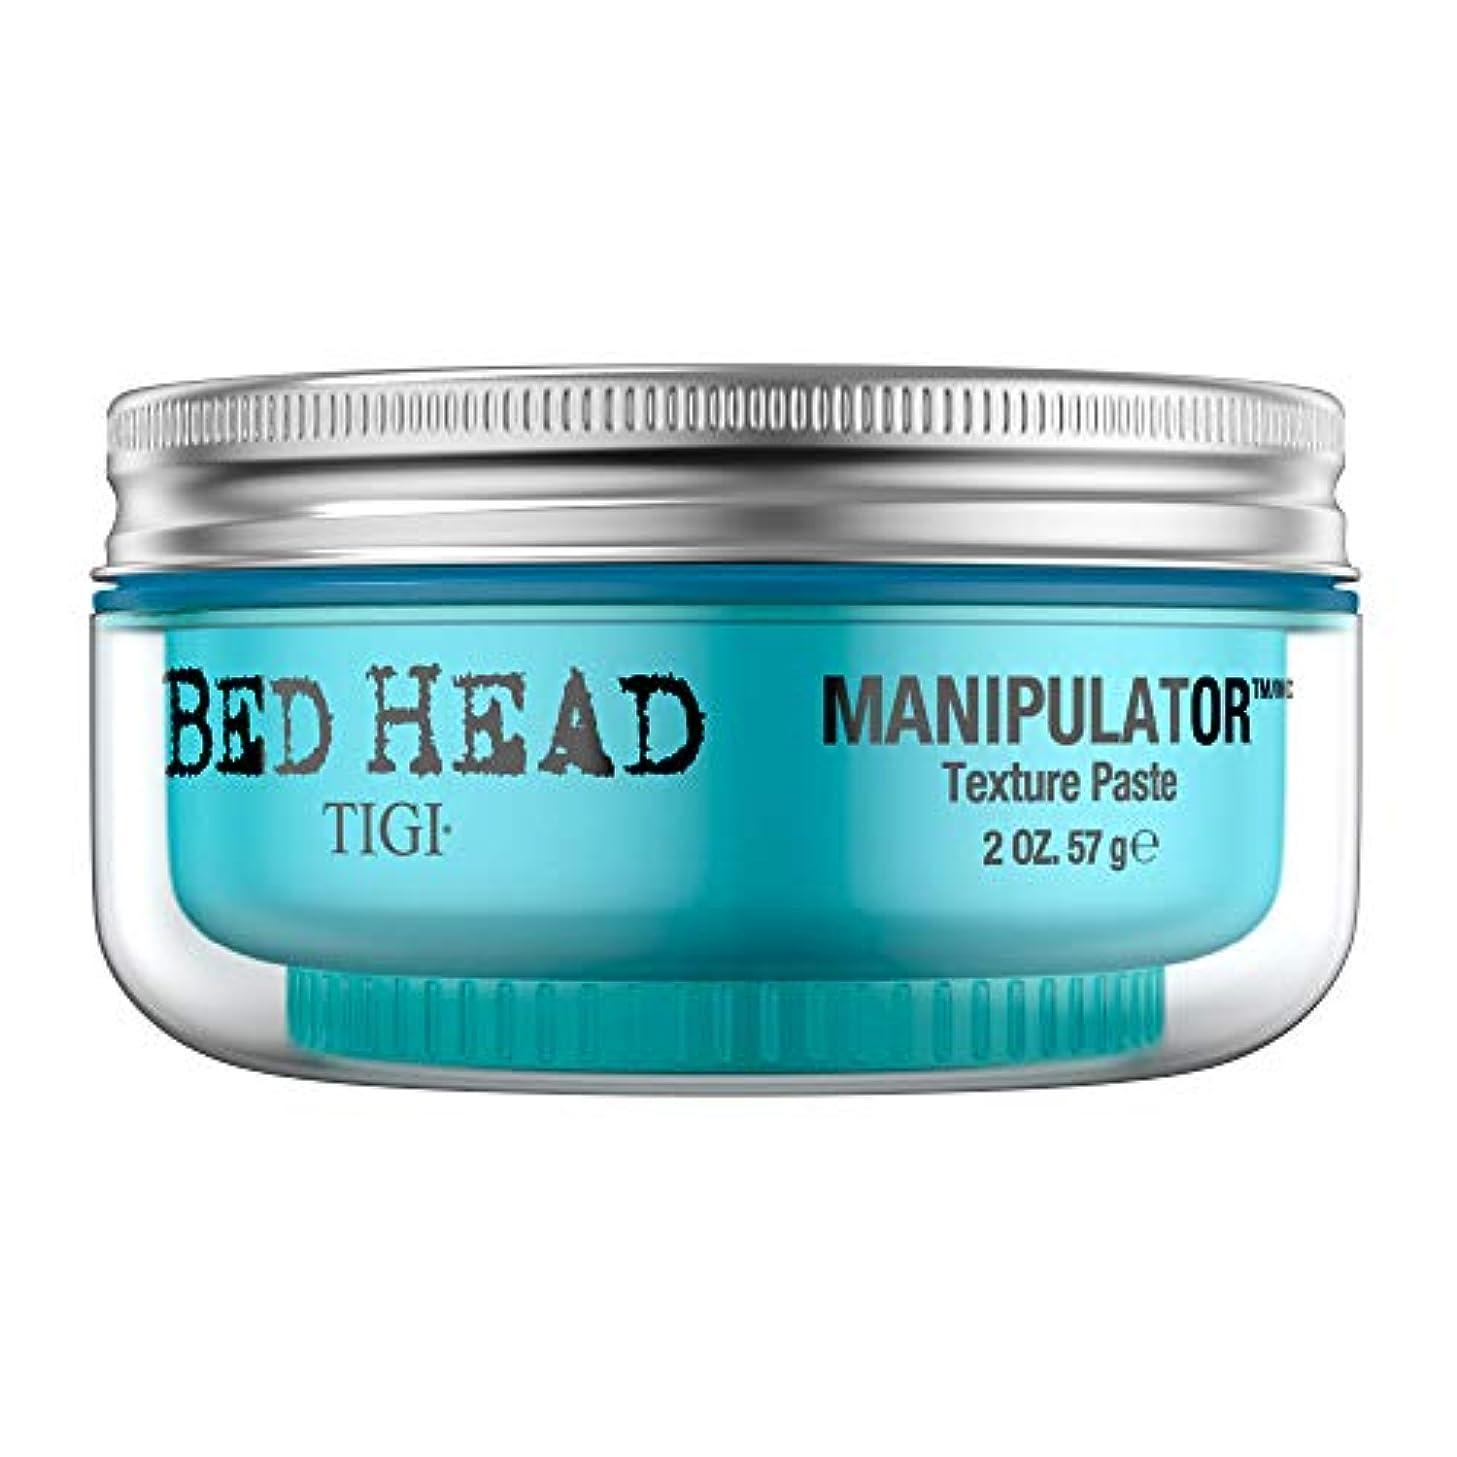 見物人工業用複数TIGI Cosmetics ティジーbedheadマニピュレータ、2オンス(2パック)